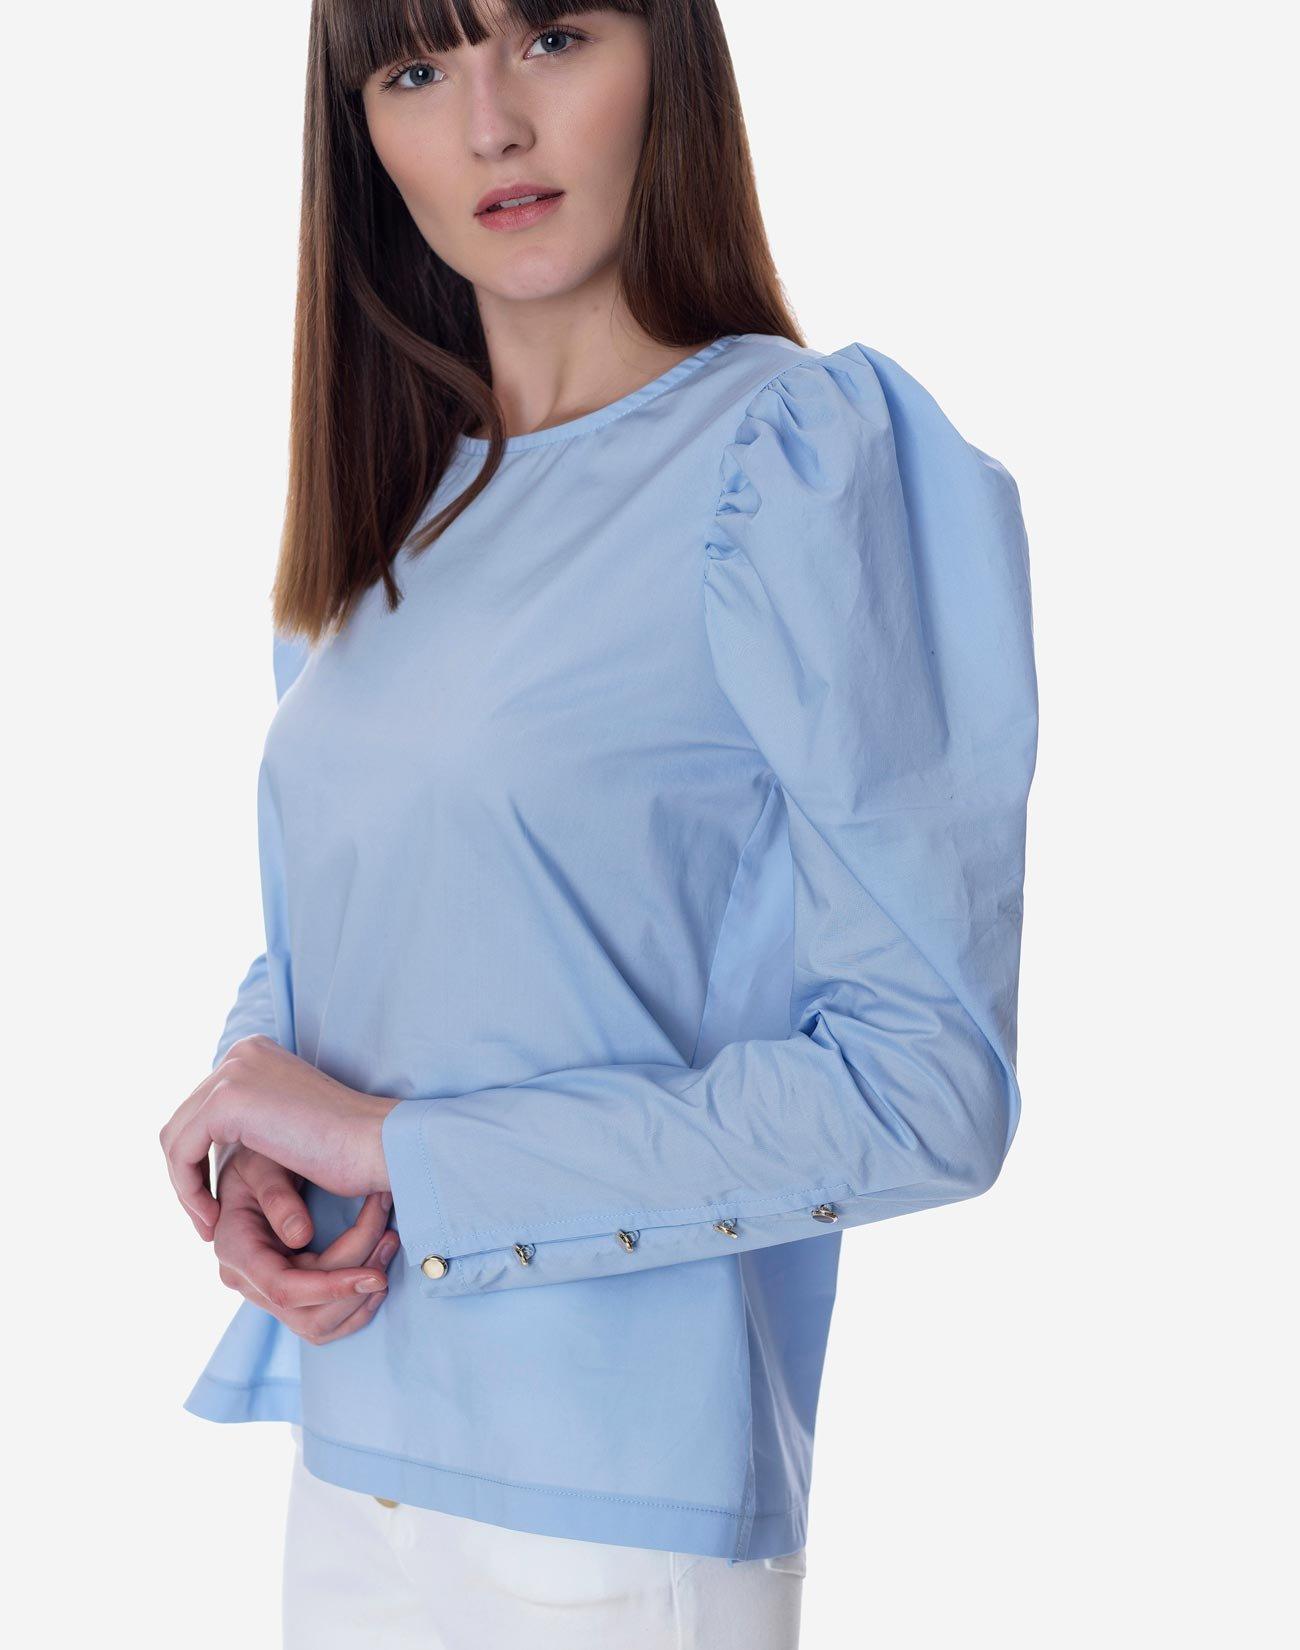 Μπλούζα με φουσκωτό ώμο